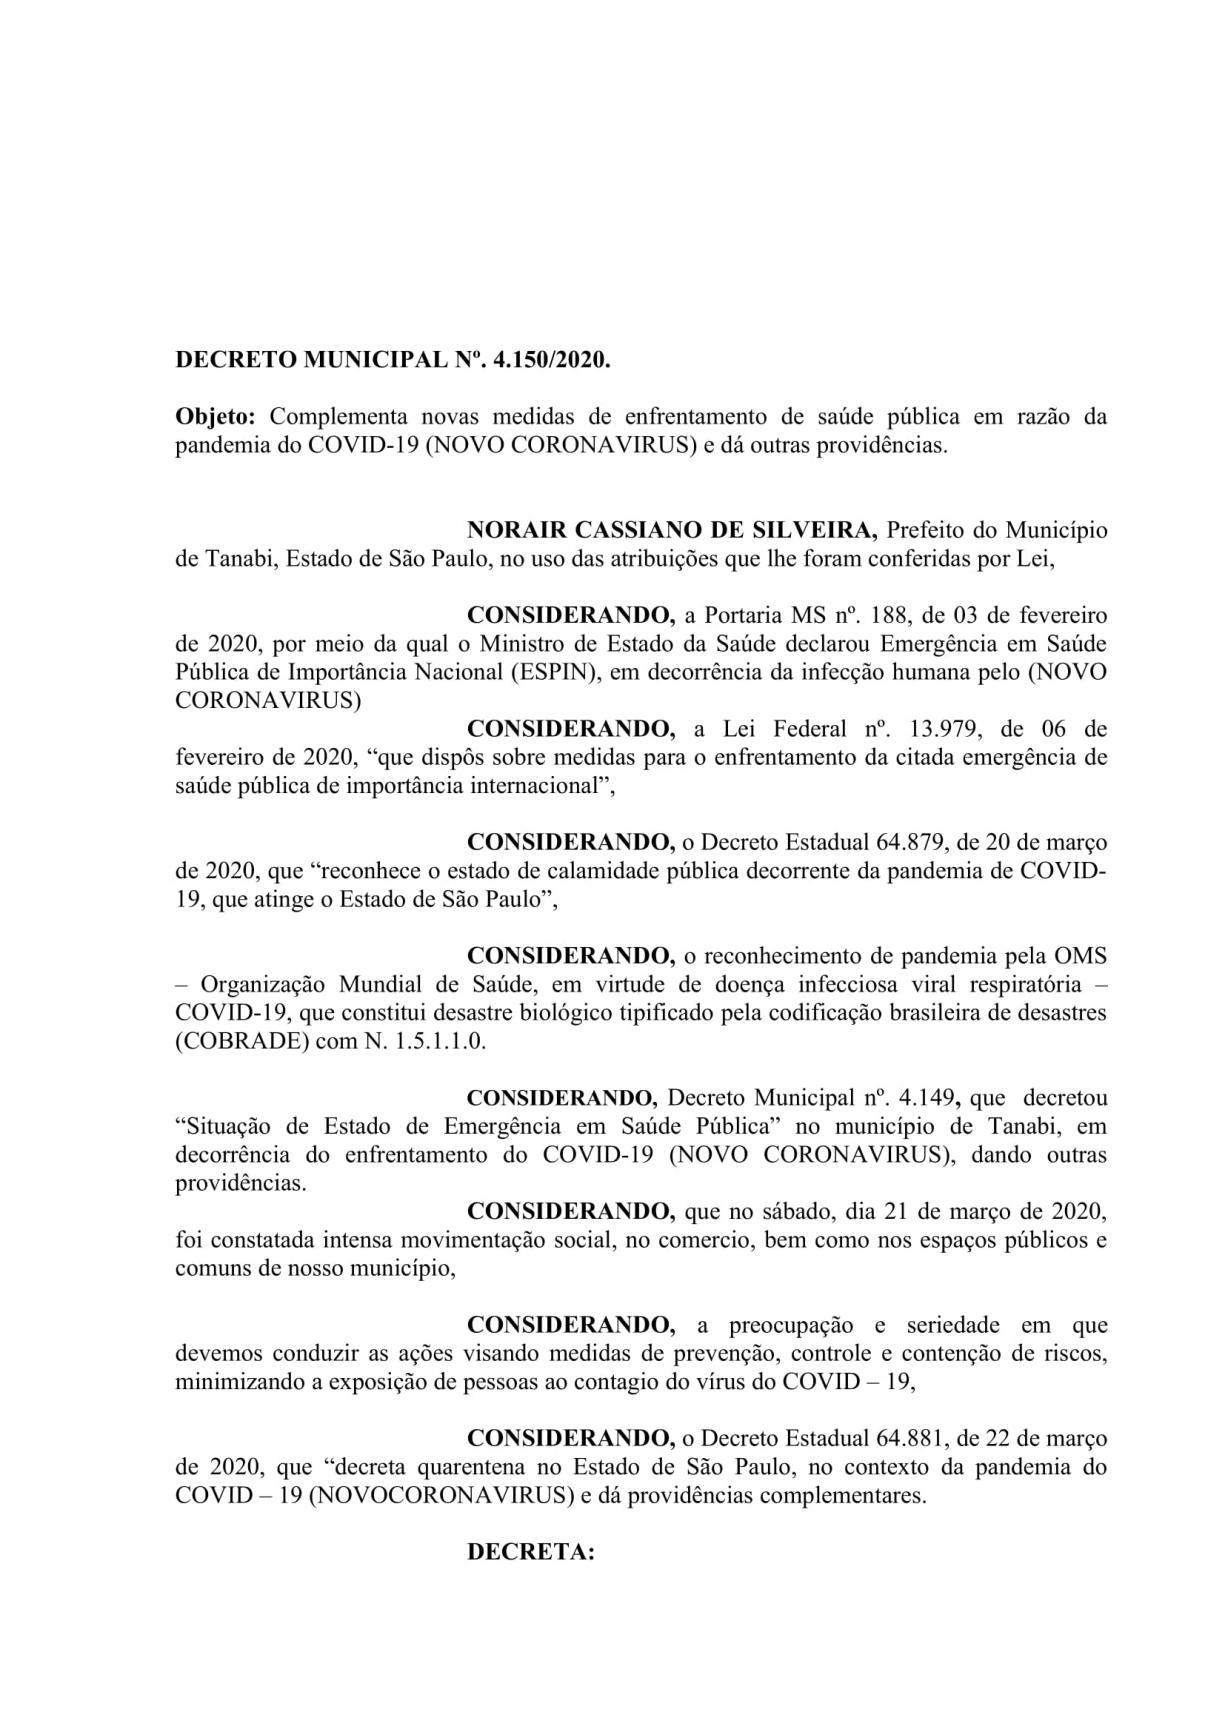 DECRETO MUNICIPAL Nº. 4.150/2020.  Complementa novas medidas de enfrentamento de saúde pública em razão da pandemia do COVID-19 (NOVO CORONAVIRUS) e dá outras providências.